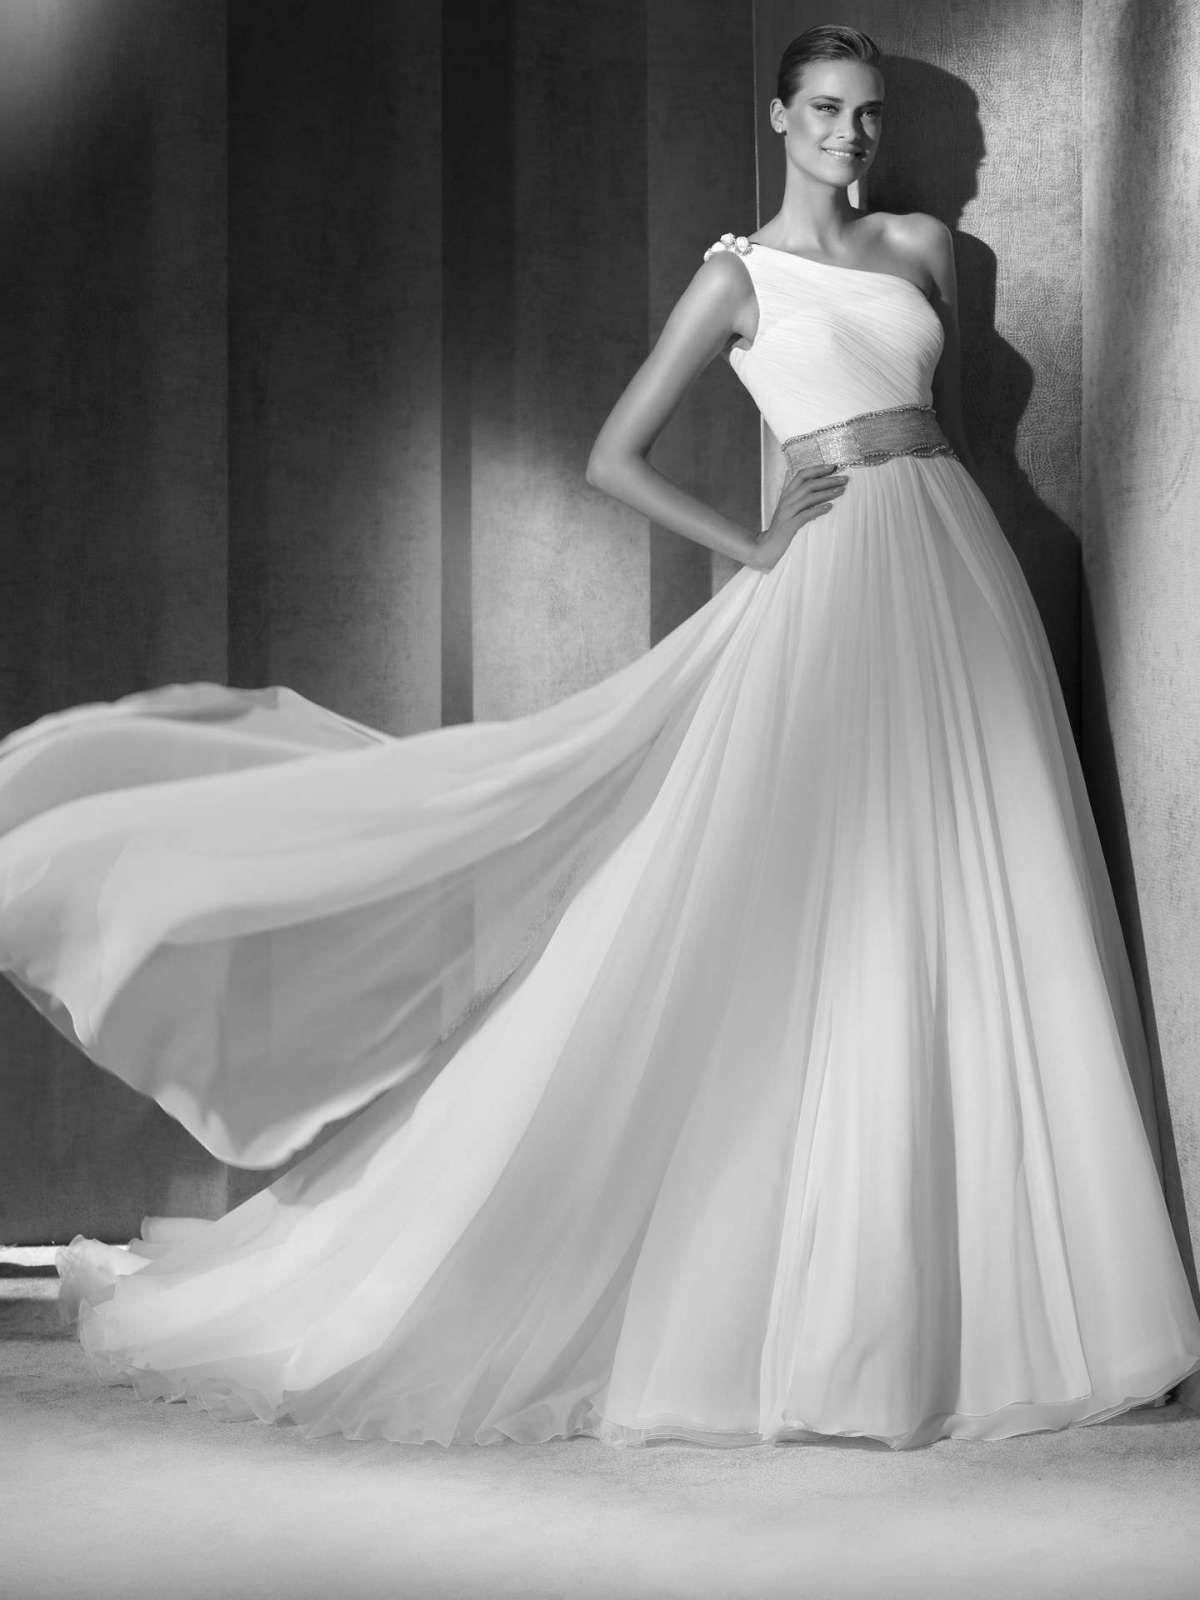 Vestiti Da Sposa Monospalla.Pin Su Abiti Da Sposa Wedding Gowns